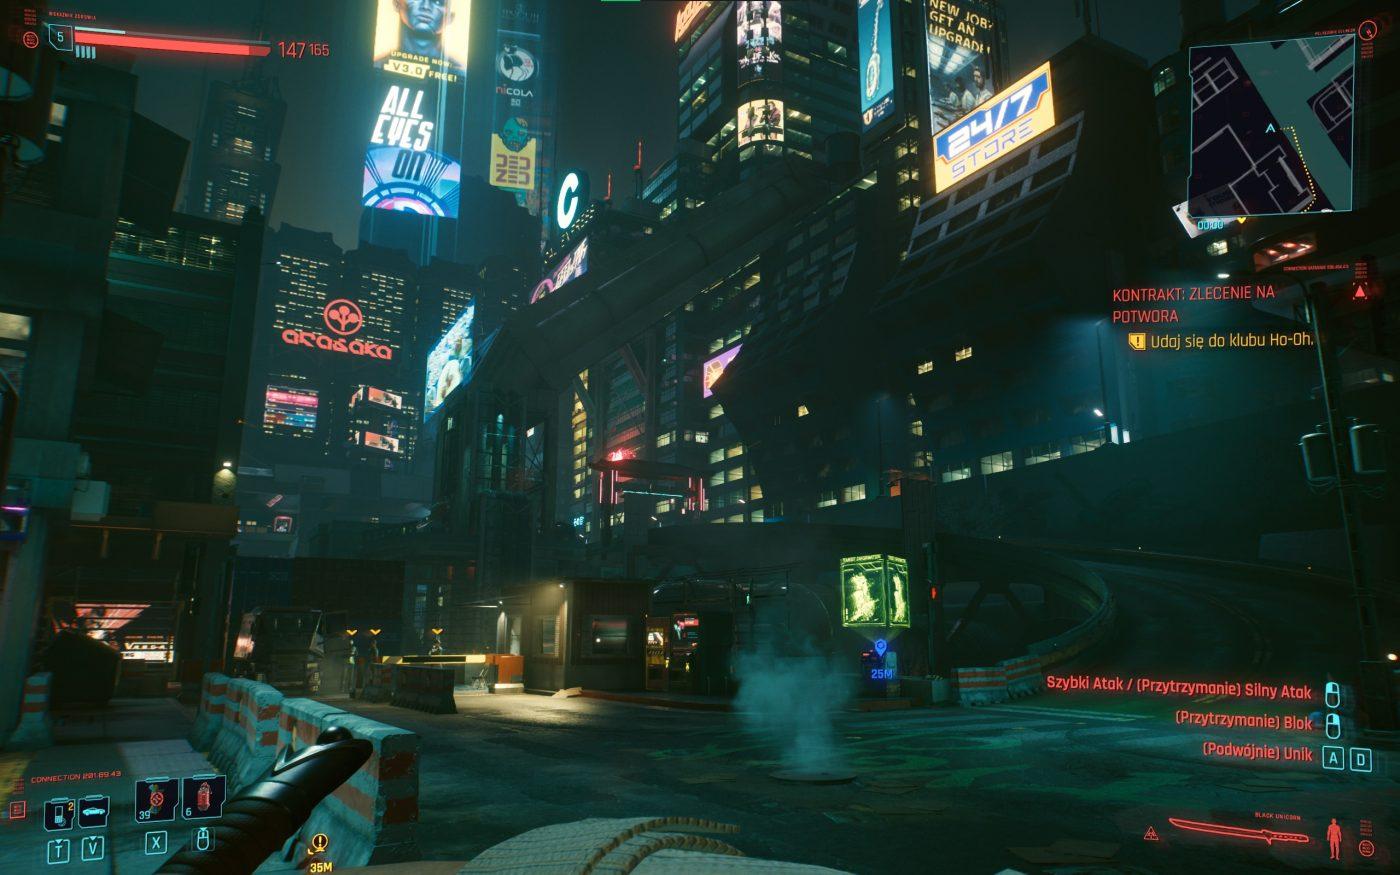 W Cyberpunk 2077 jest jeszcze wiele do zrobienia